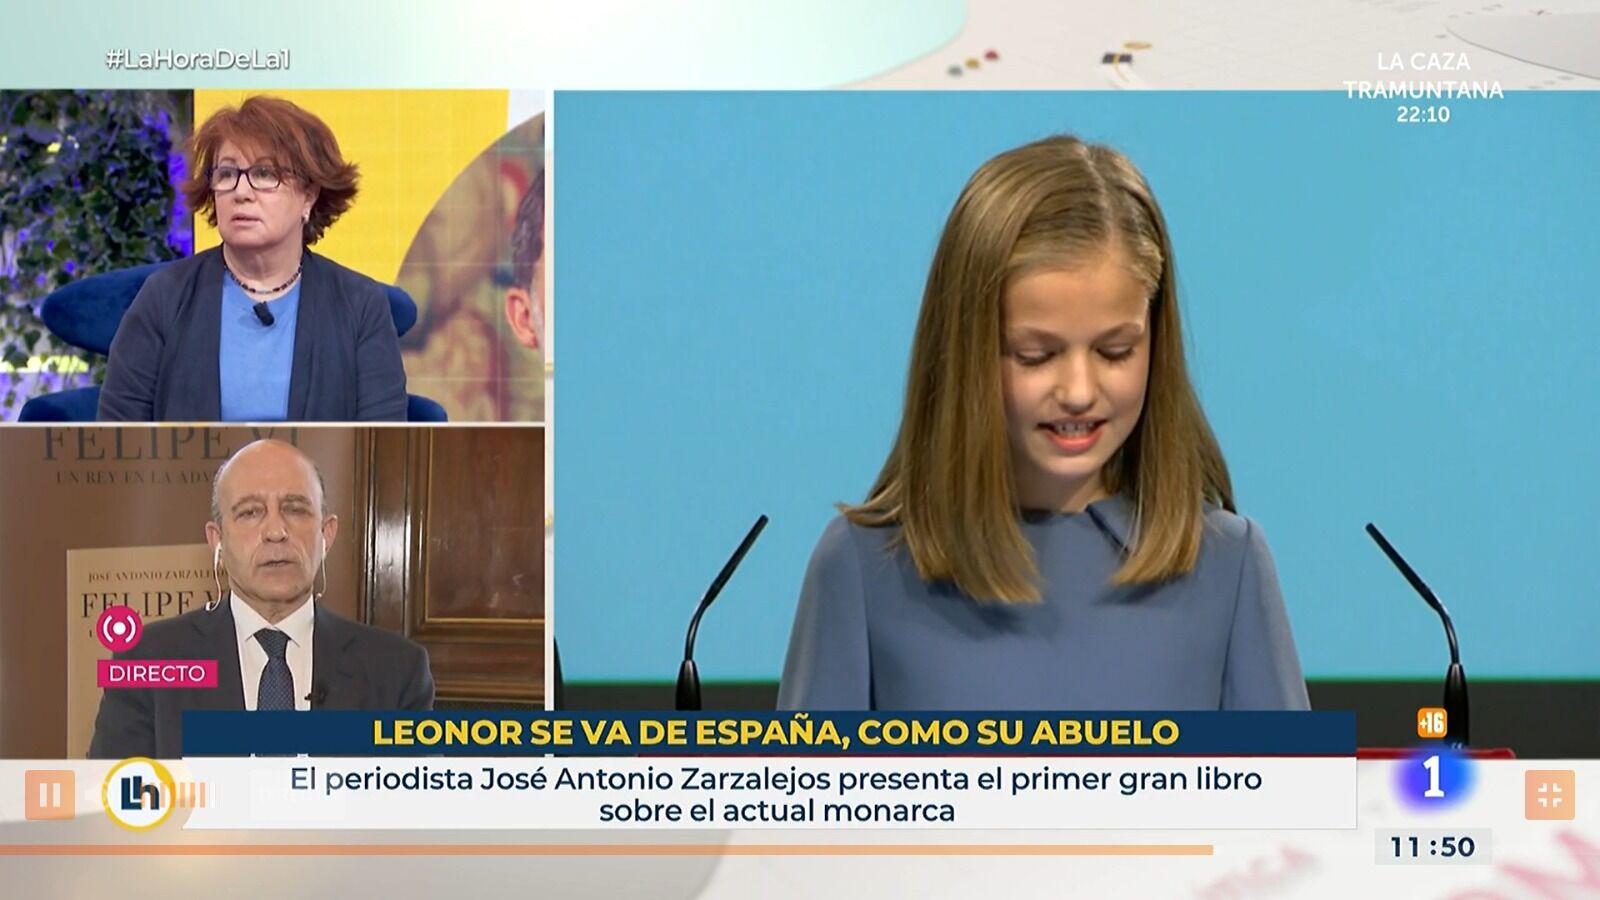 Resultado de imagen de Leonor se va de España, como su abuelo